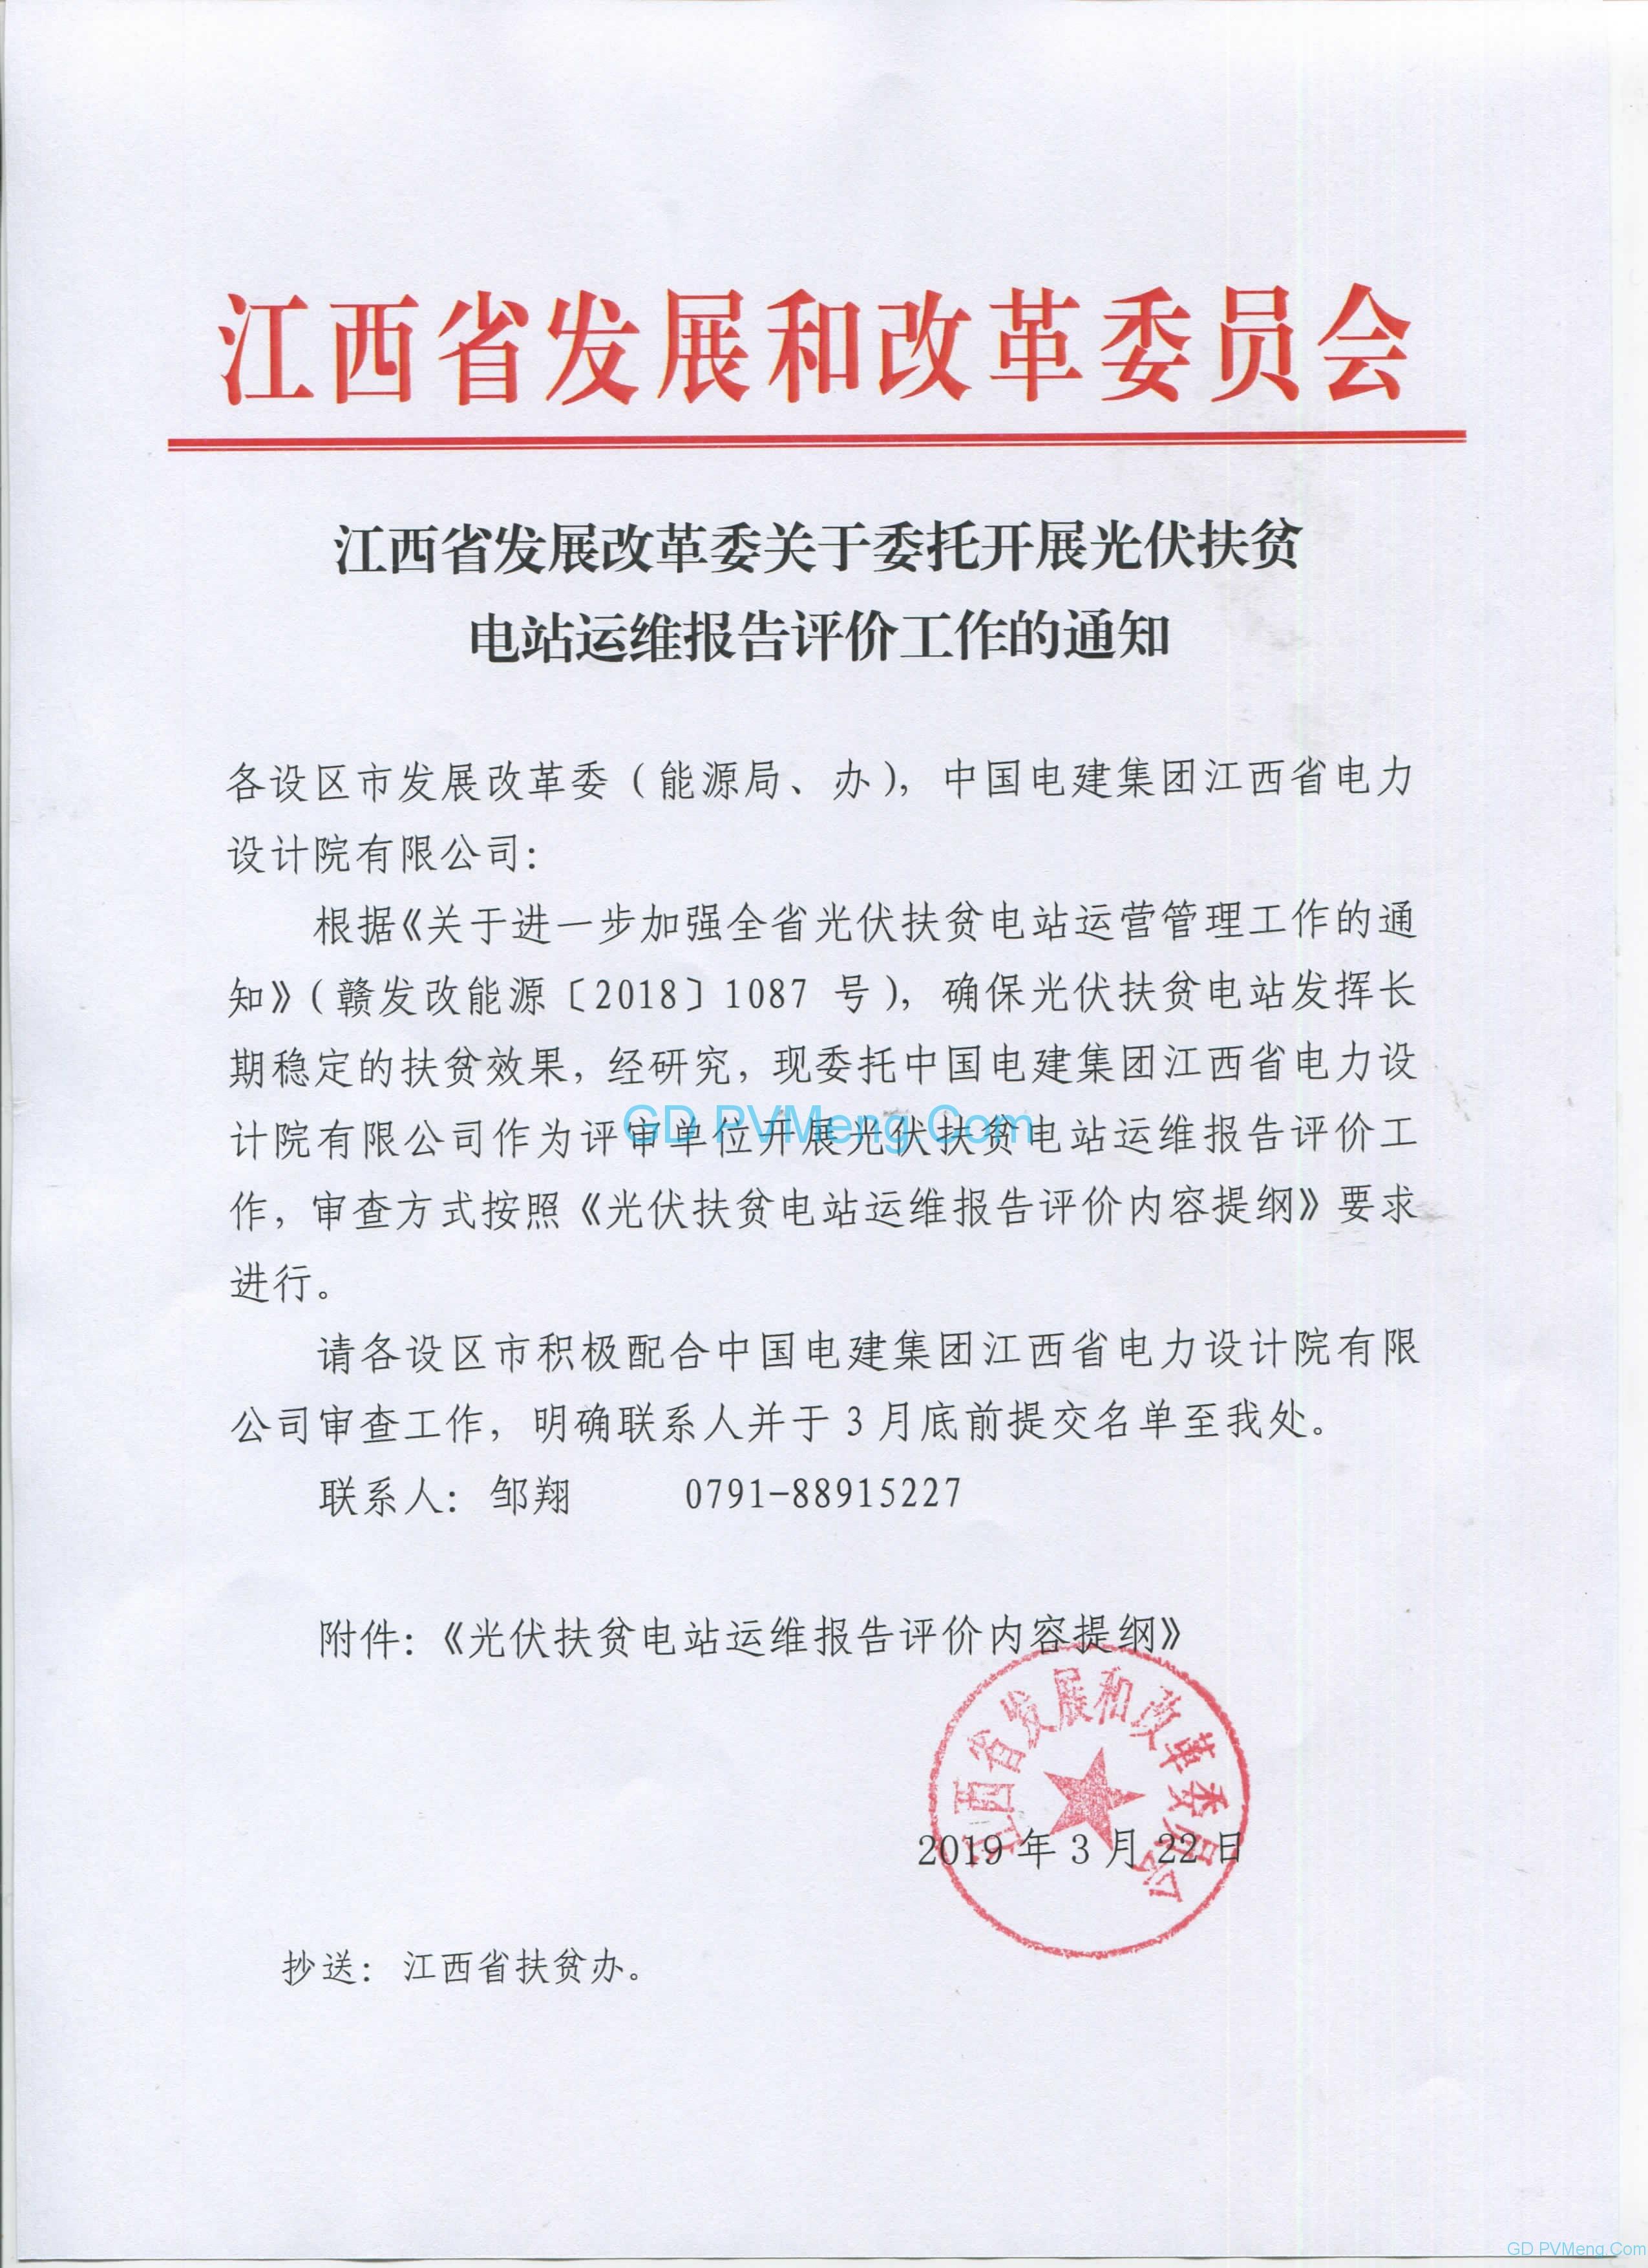 江西省发改委关于委托开展光伏扶贫电站运维报告评价工作的通知